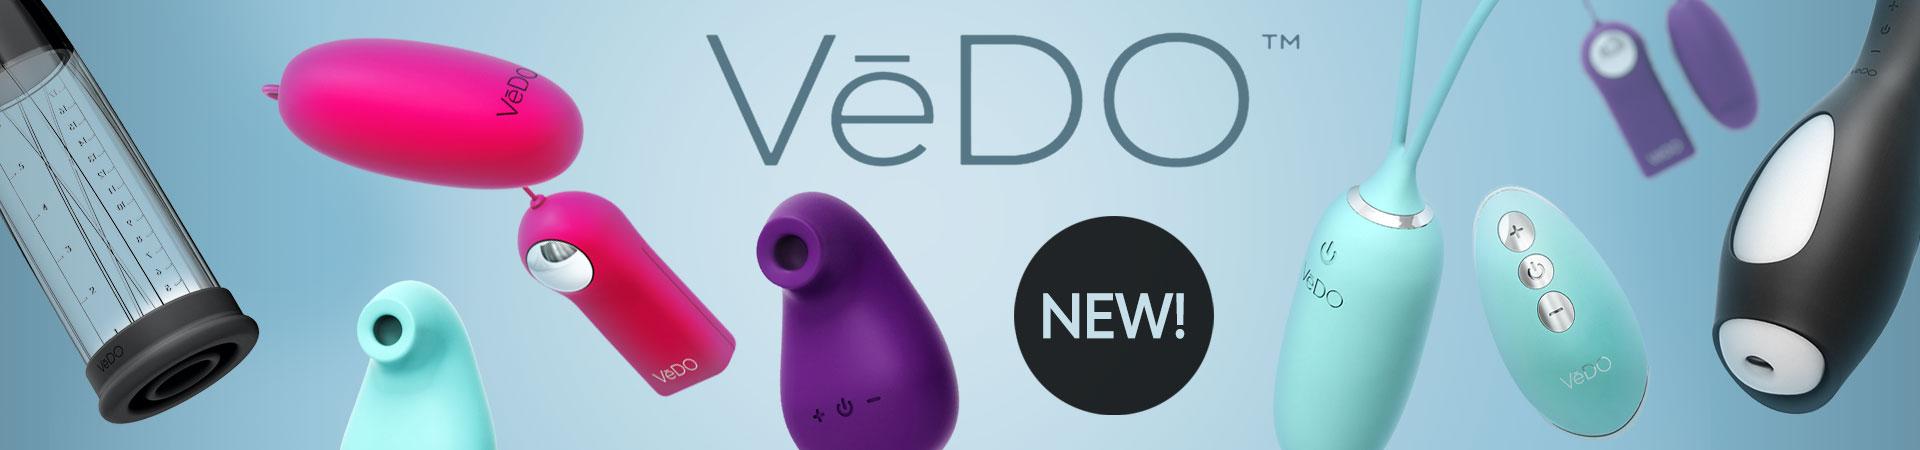 New Vedo!